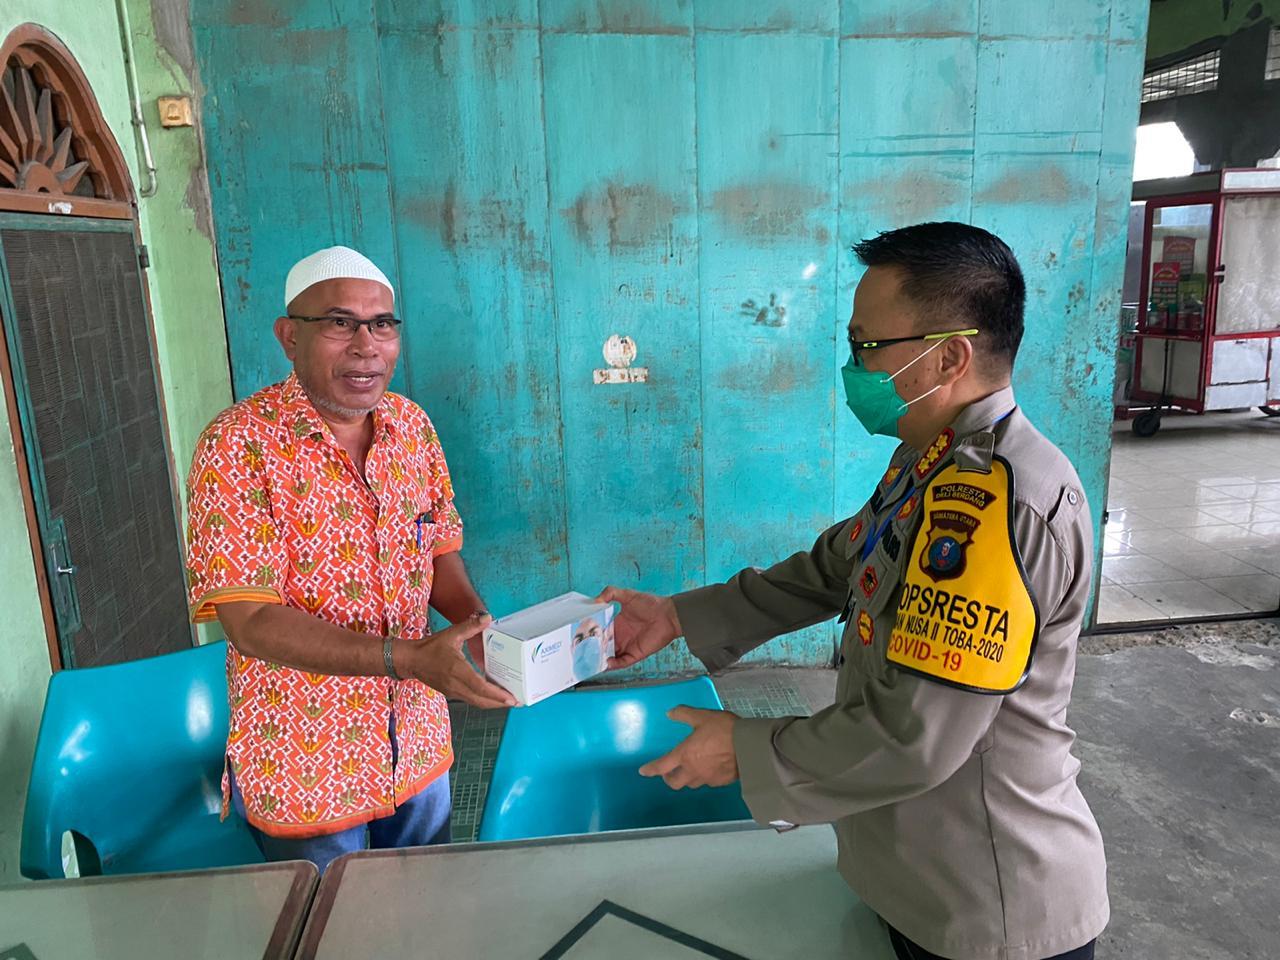 Kapolresta Deli Serdang, Sapa Tokoh Masyarakat untuk Jaga Kondusifitas